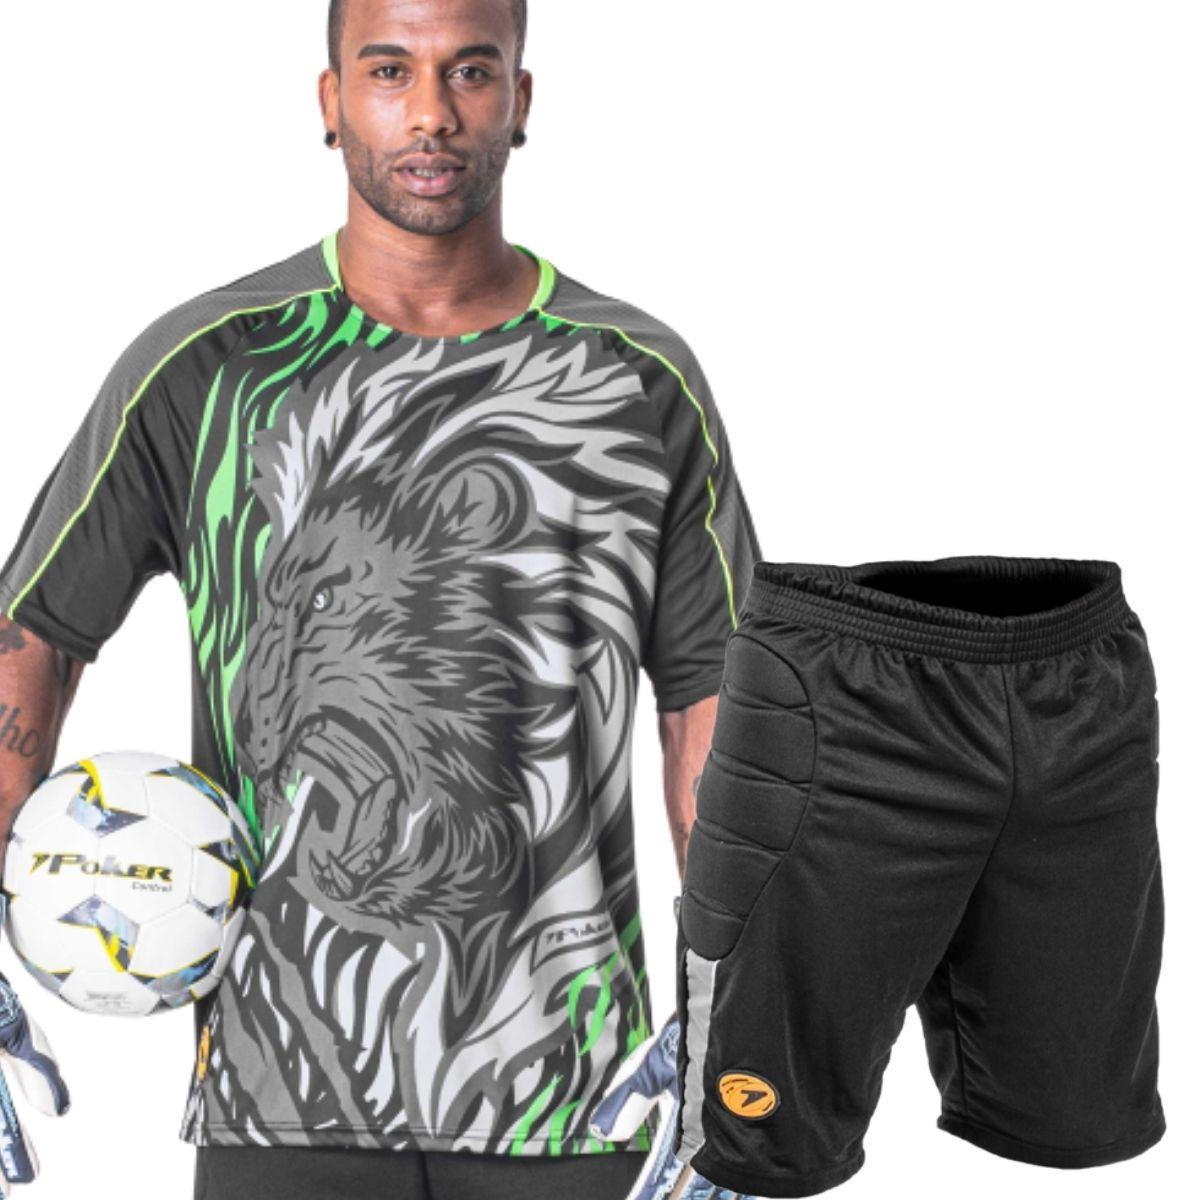 Uniforme Goleiro Calção Camisa Poker Simi Lion